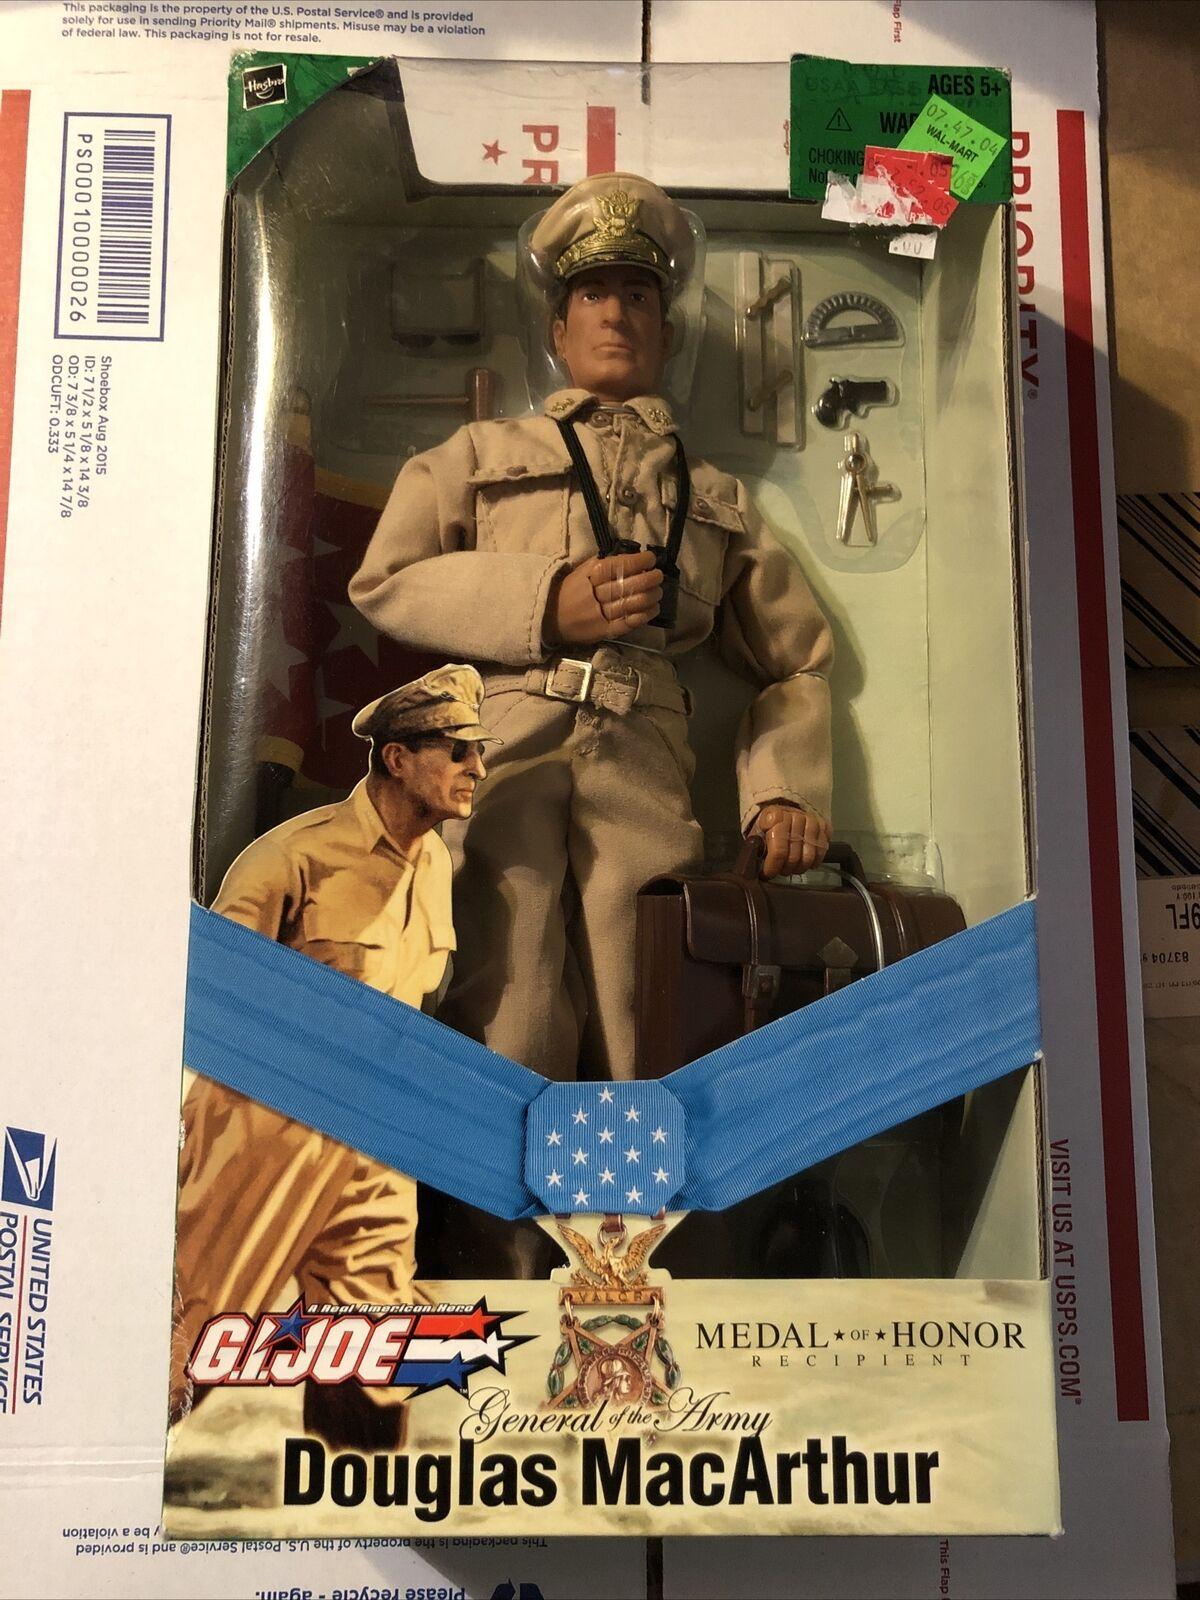 GI Joe Douglas Macarthur Medal Of Honor